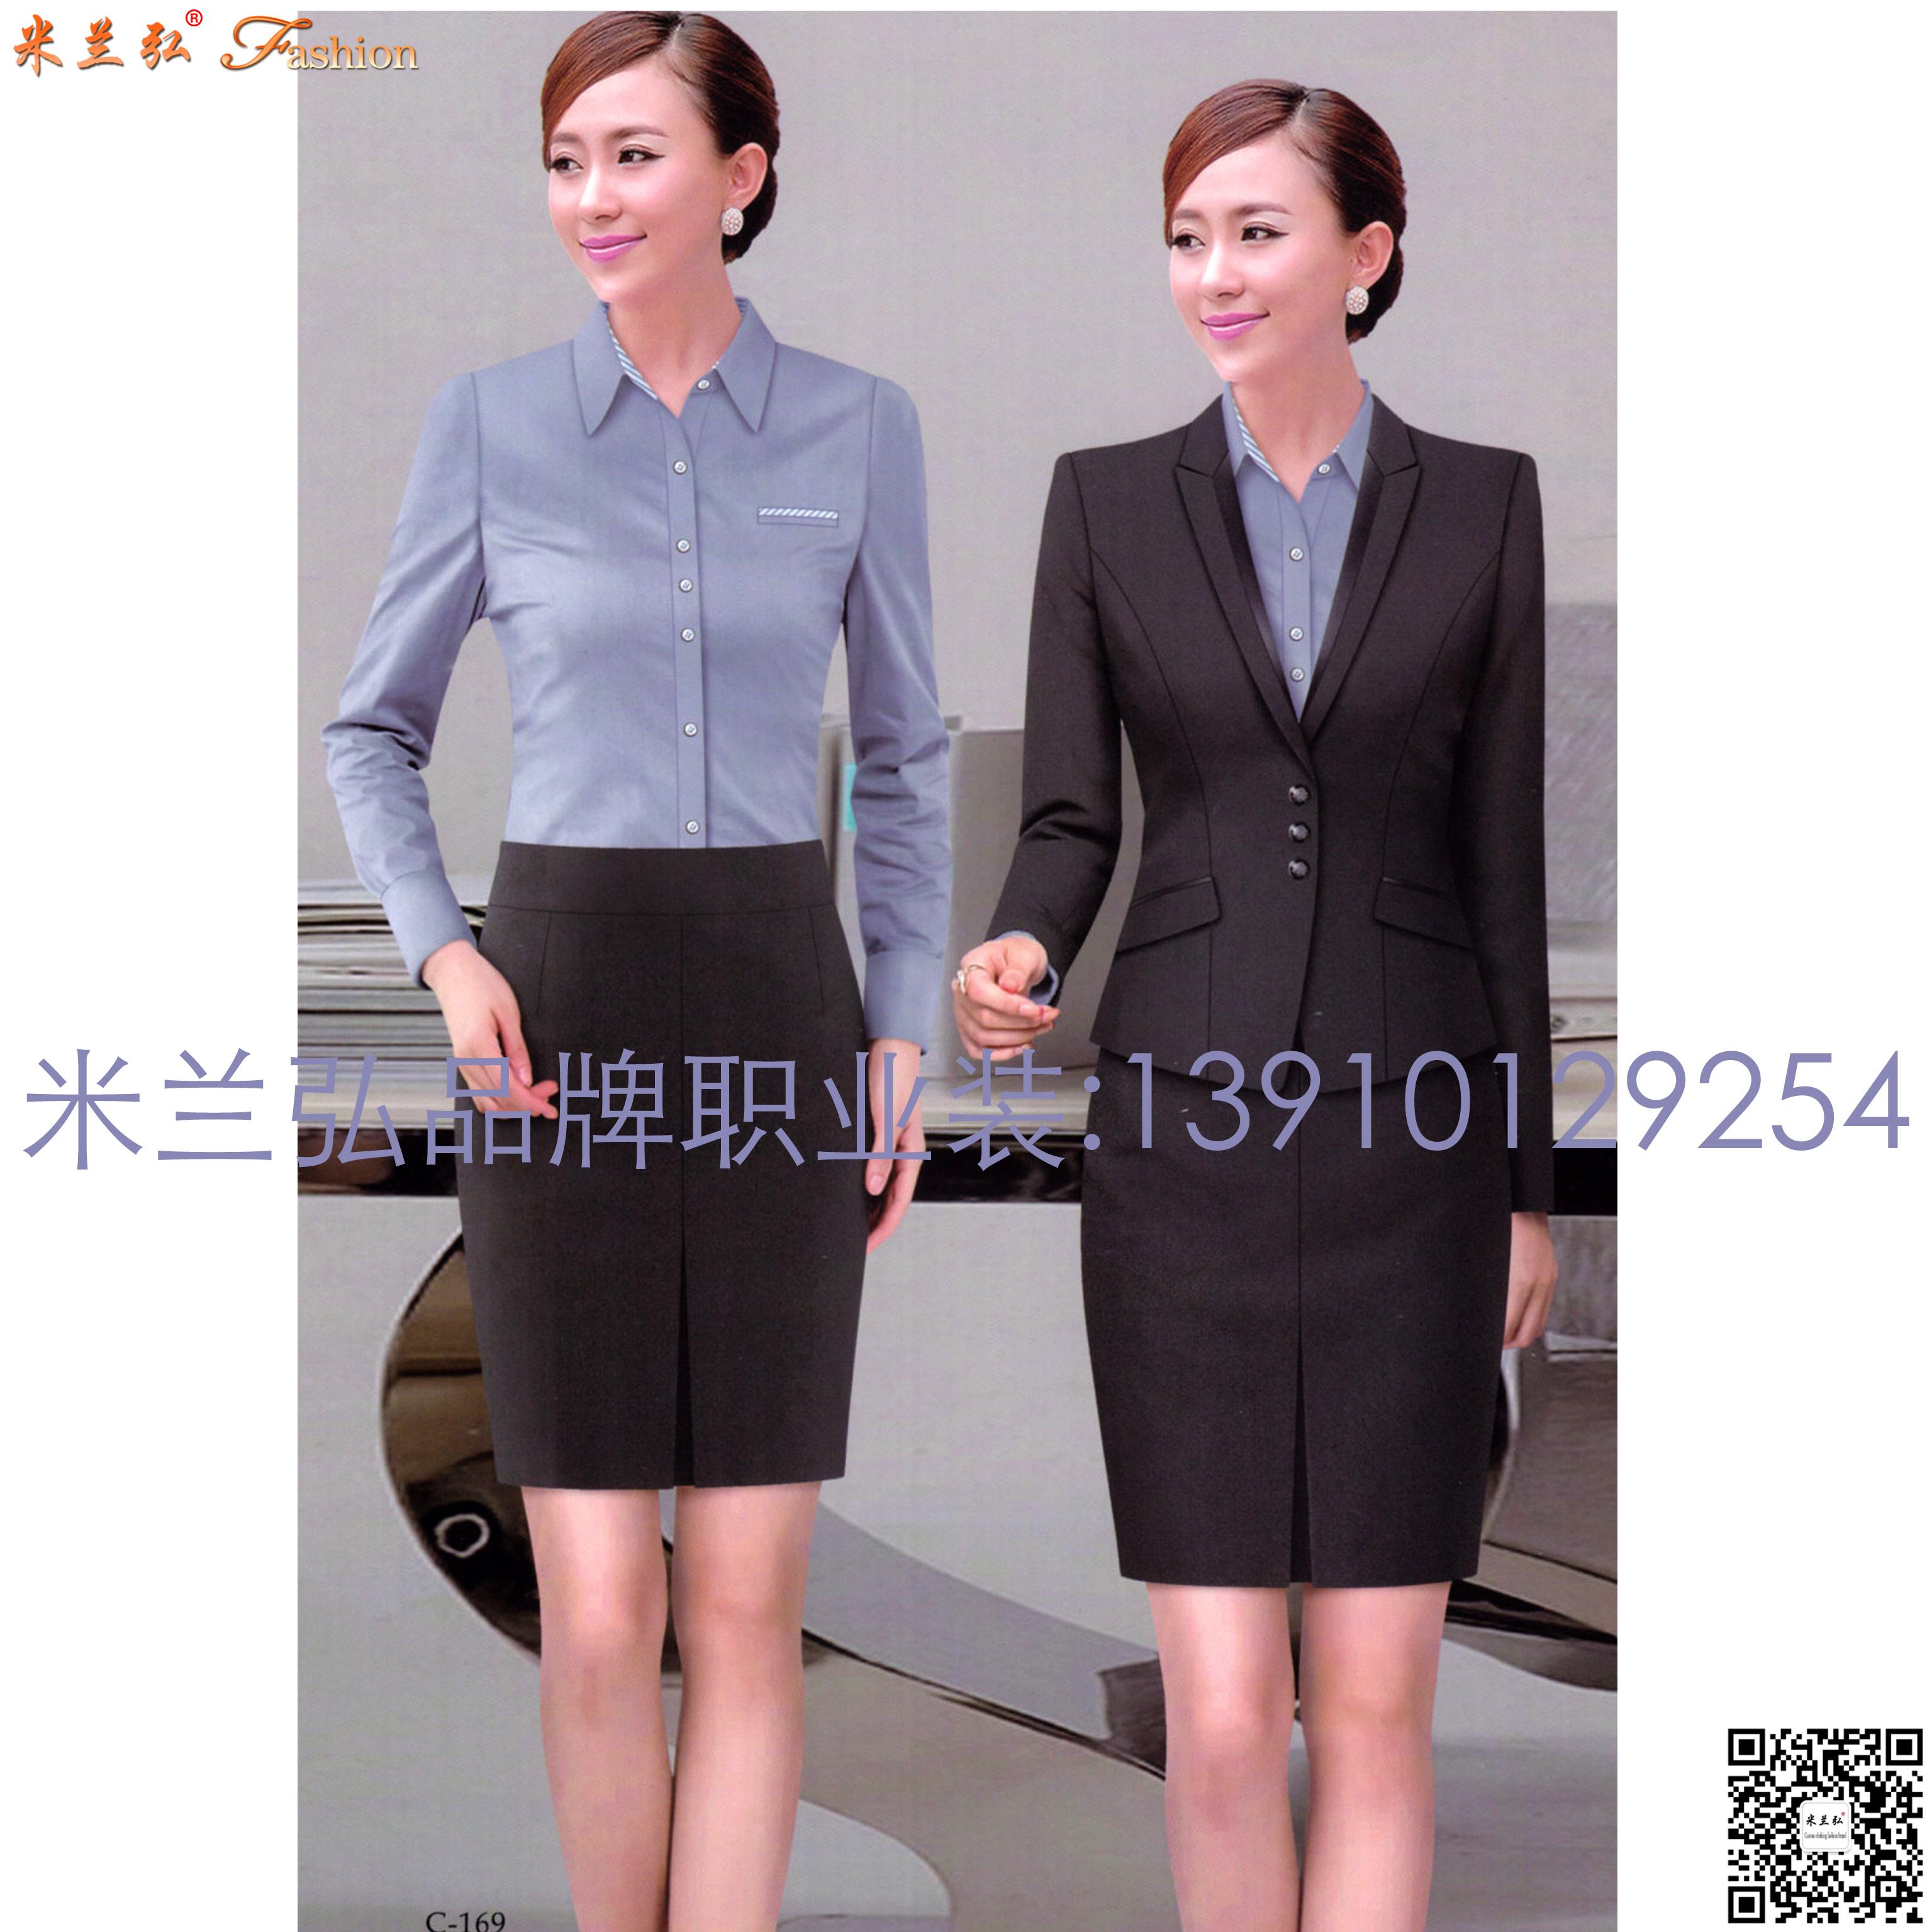 北京哪里可以定做西服北京西服时尚职业装韩版女装量身定做西服办公室制服定做-2